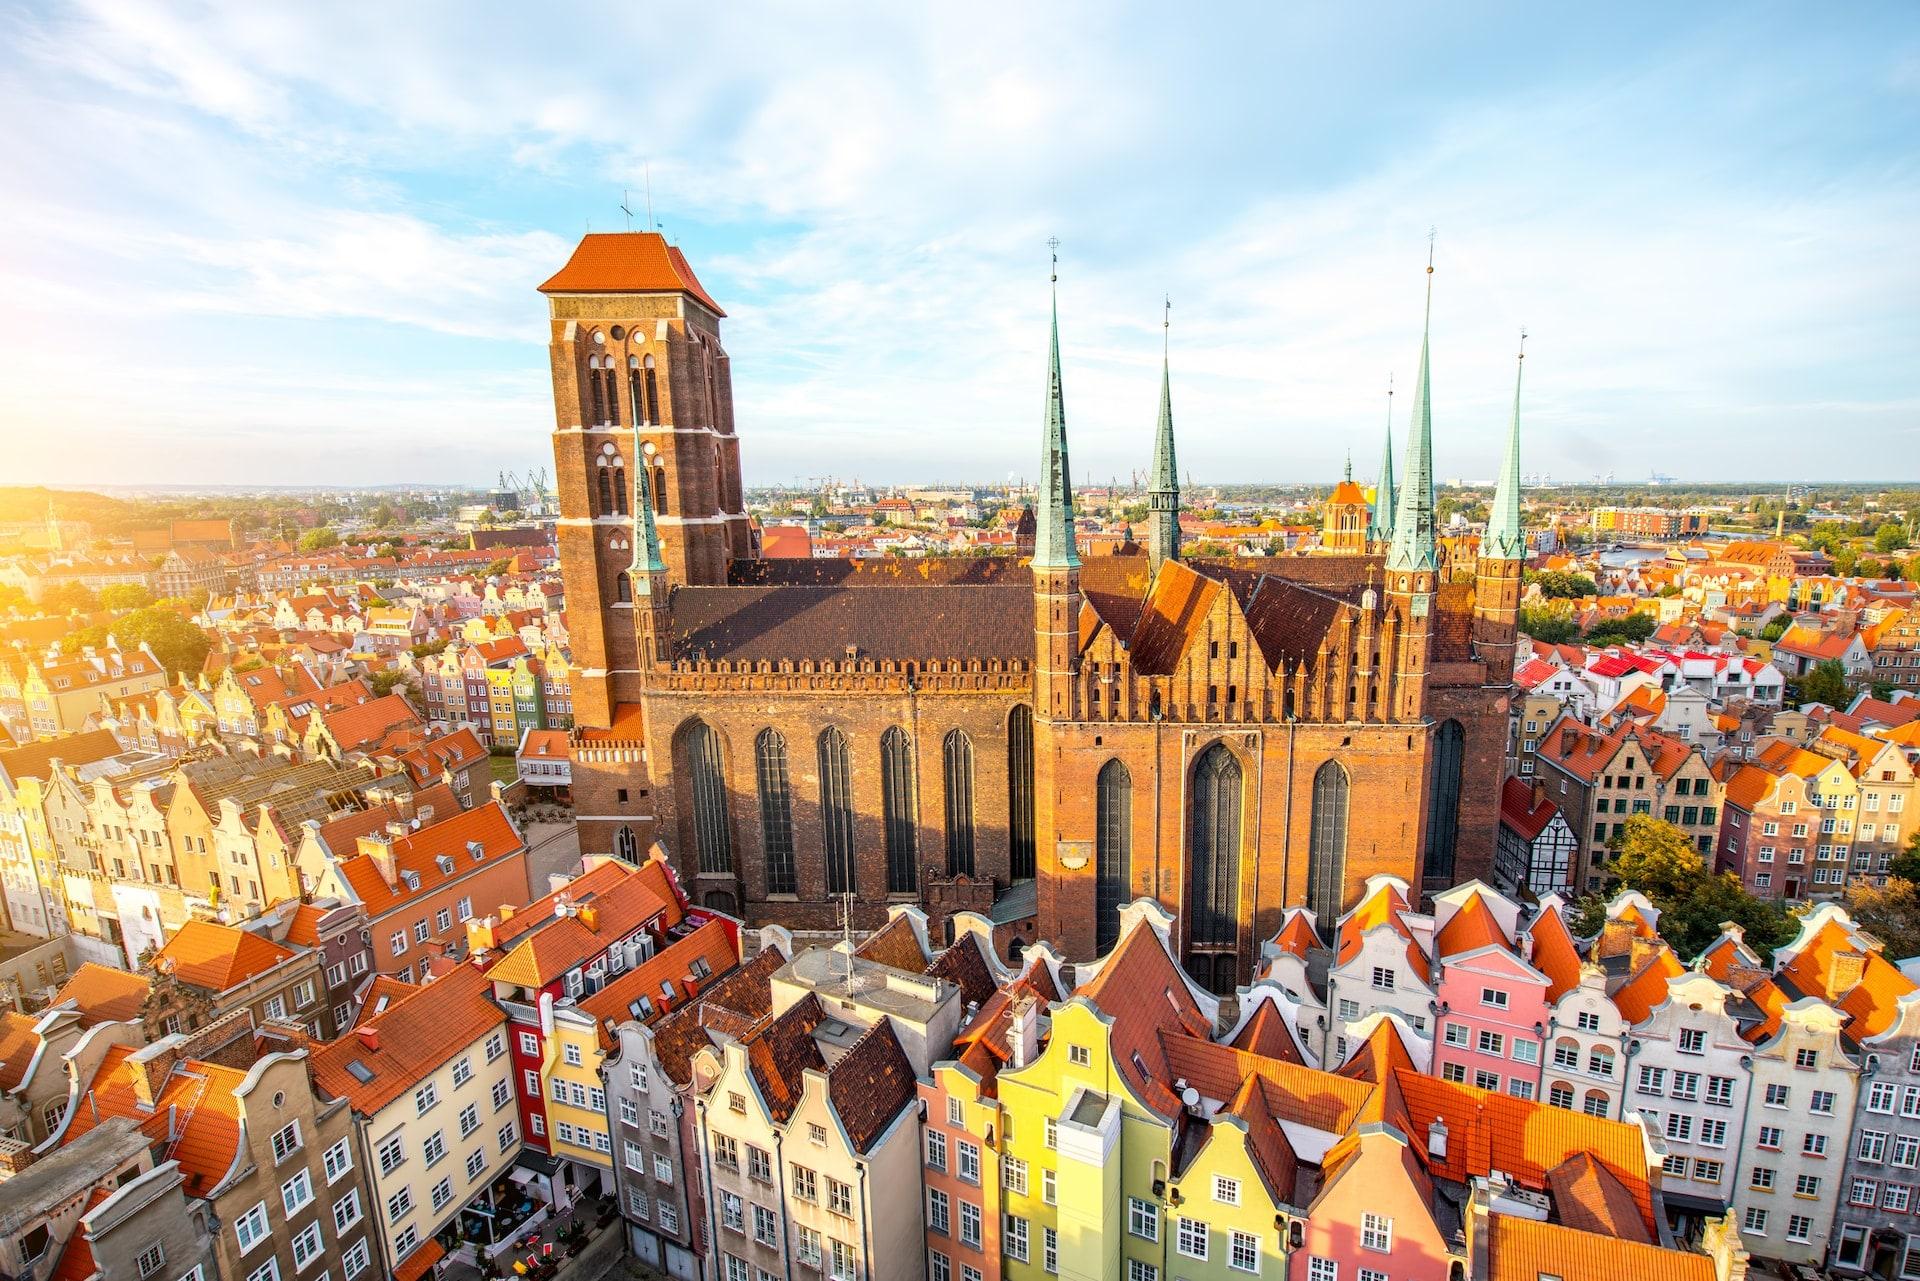 گدانسک (Gdansk) در کشور لهستان